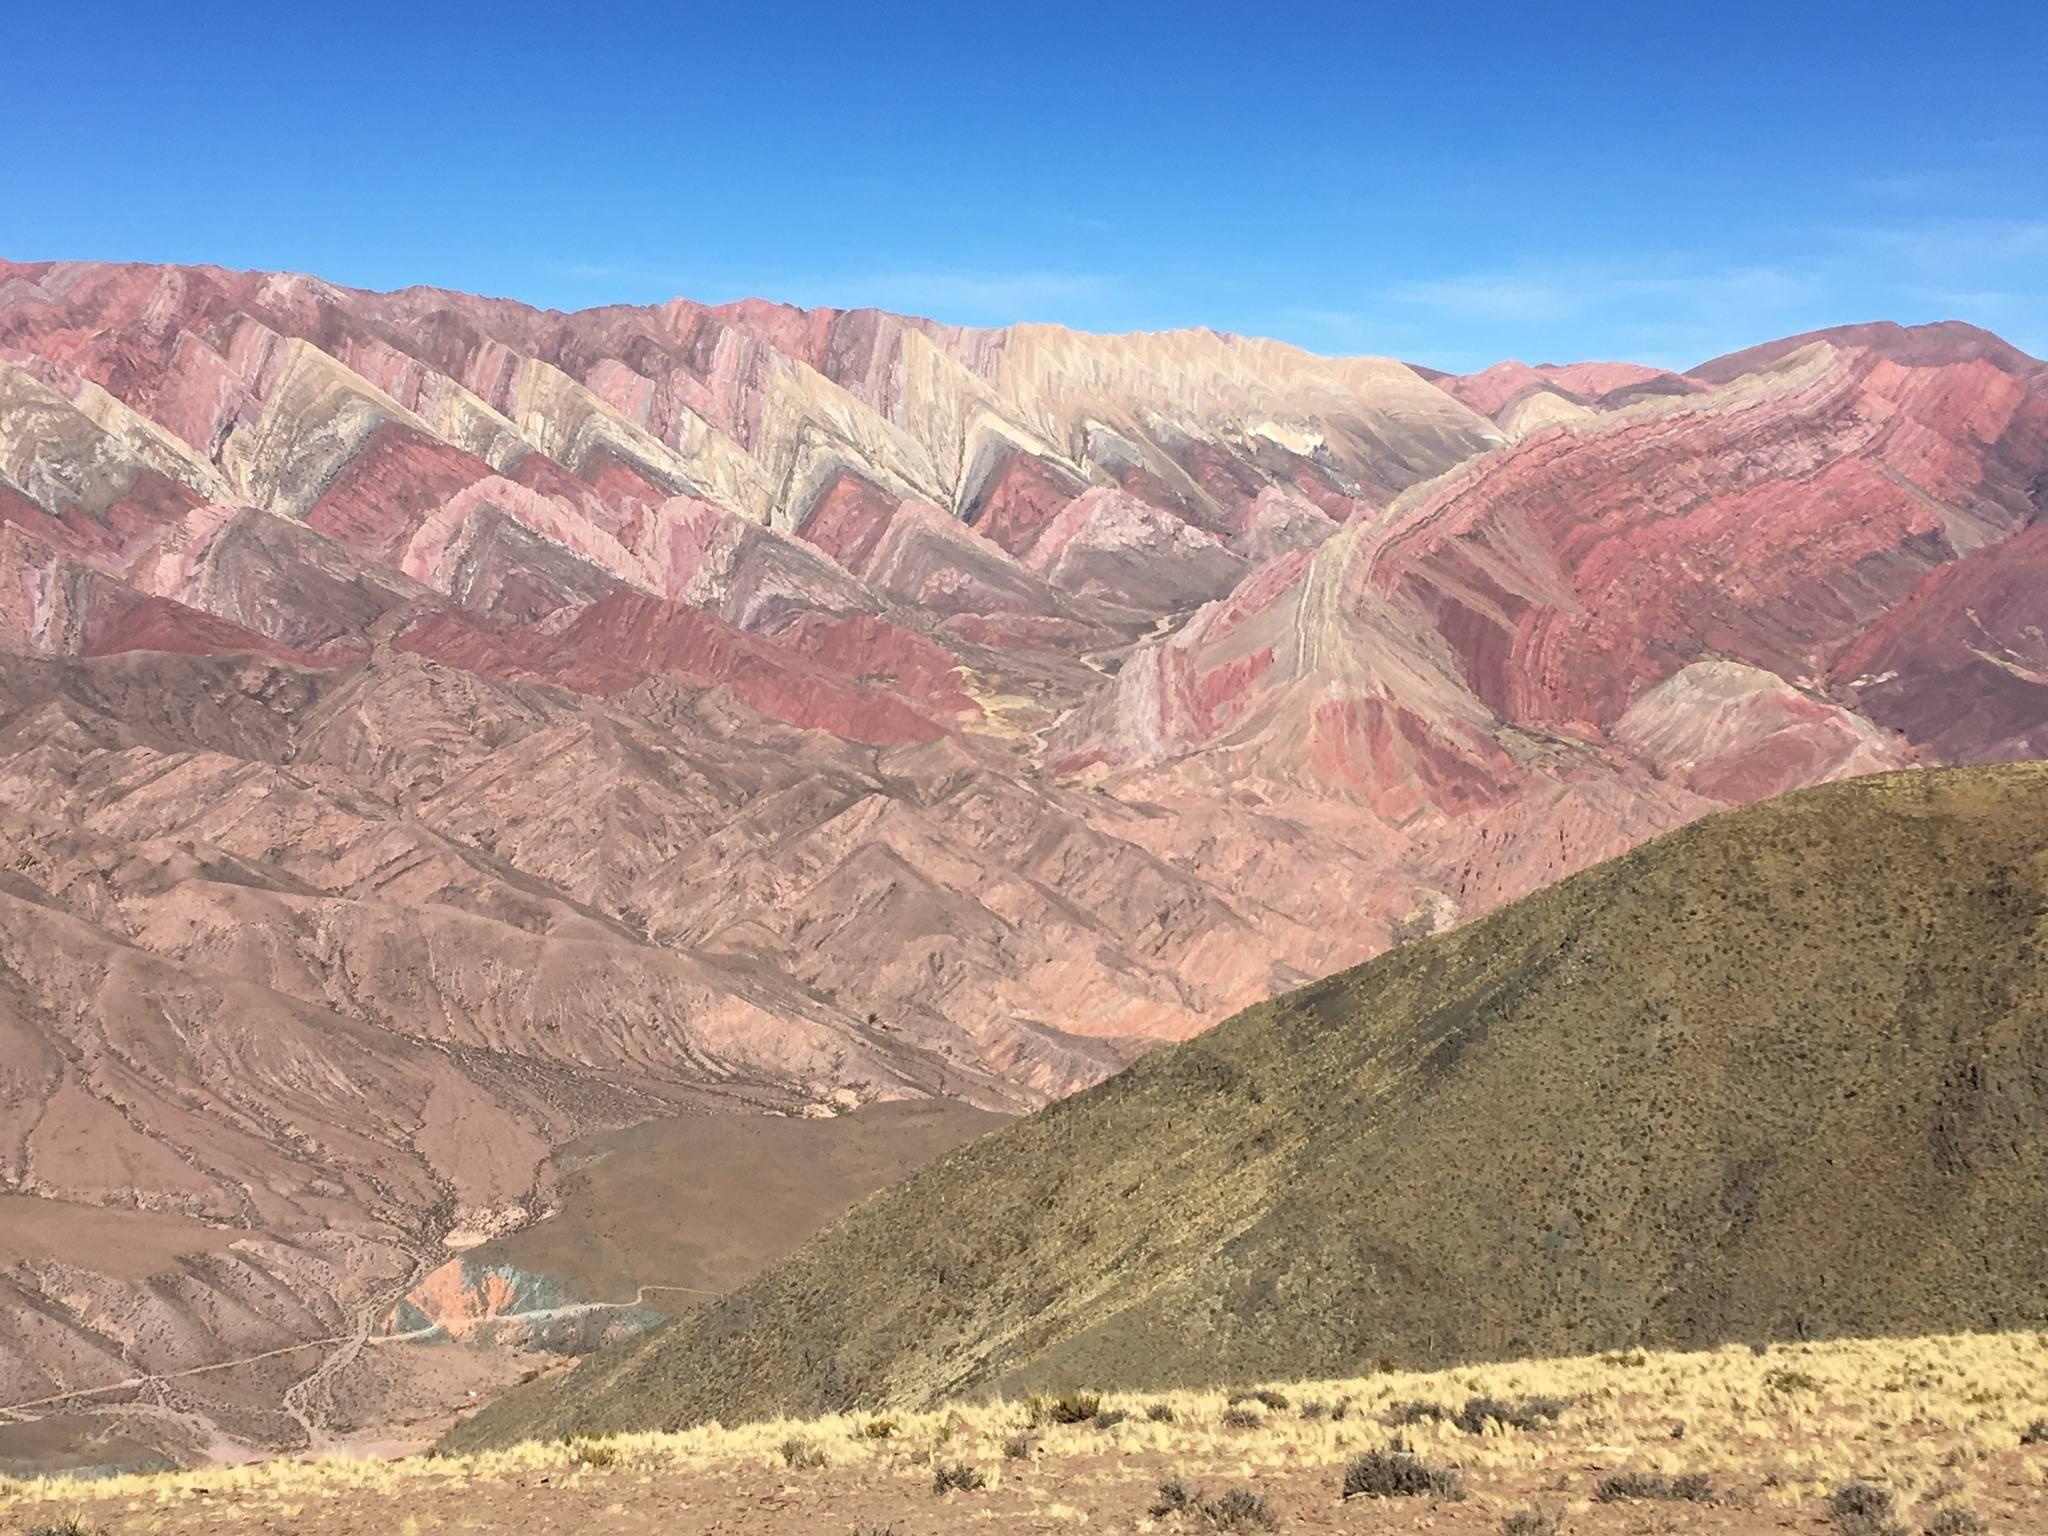 Photo 2: Humahuaca